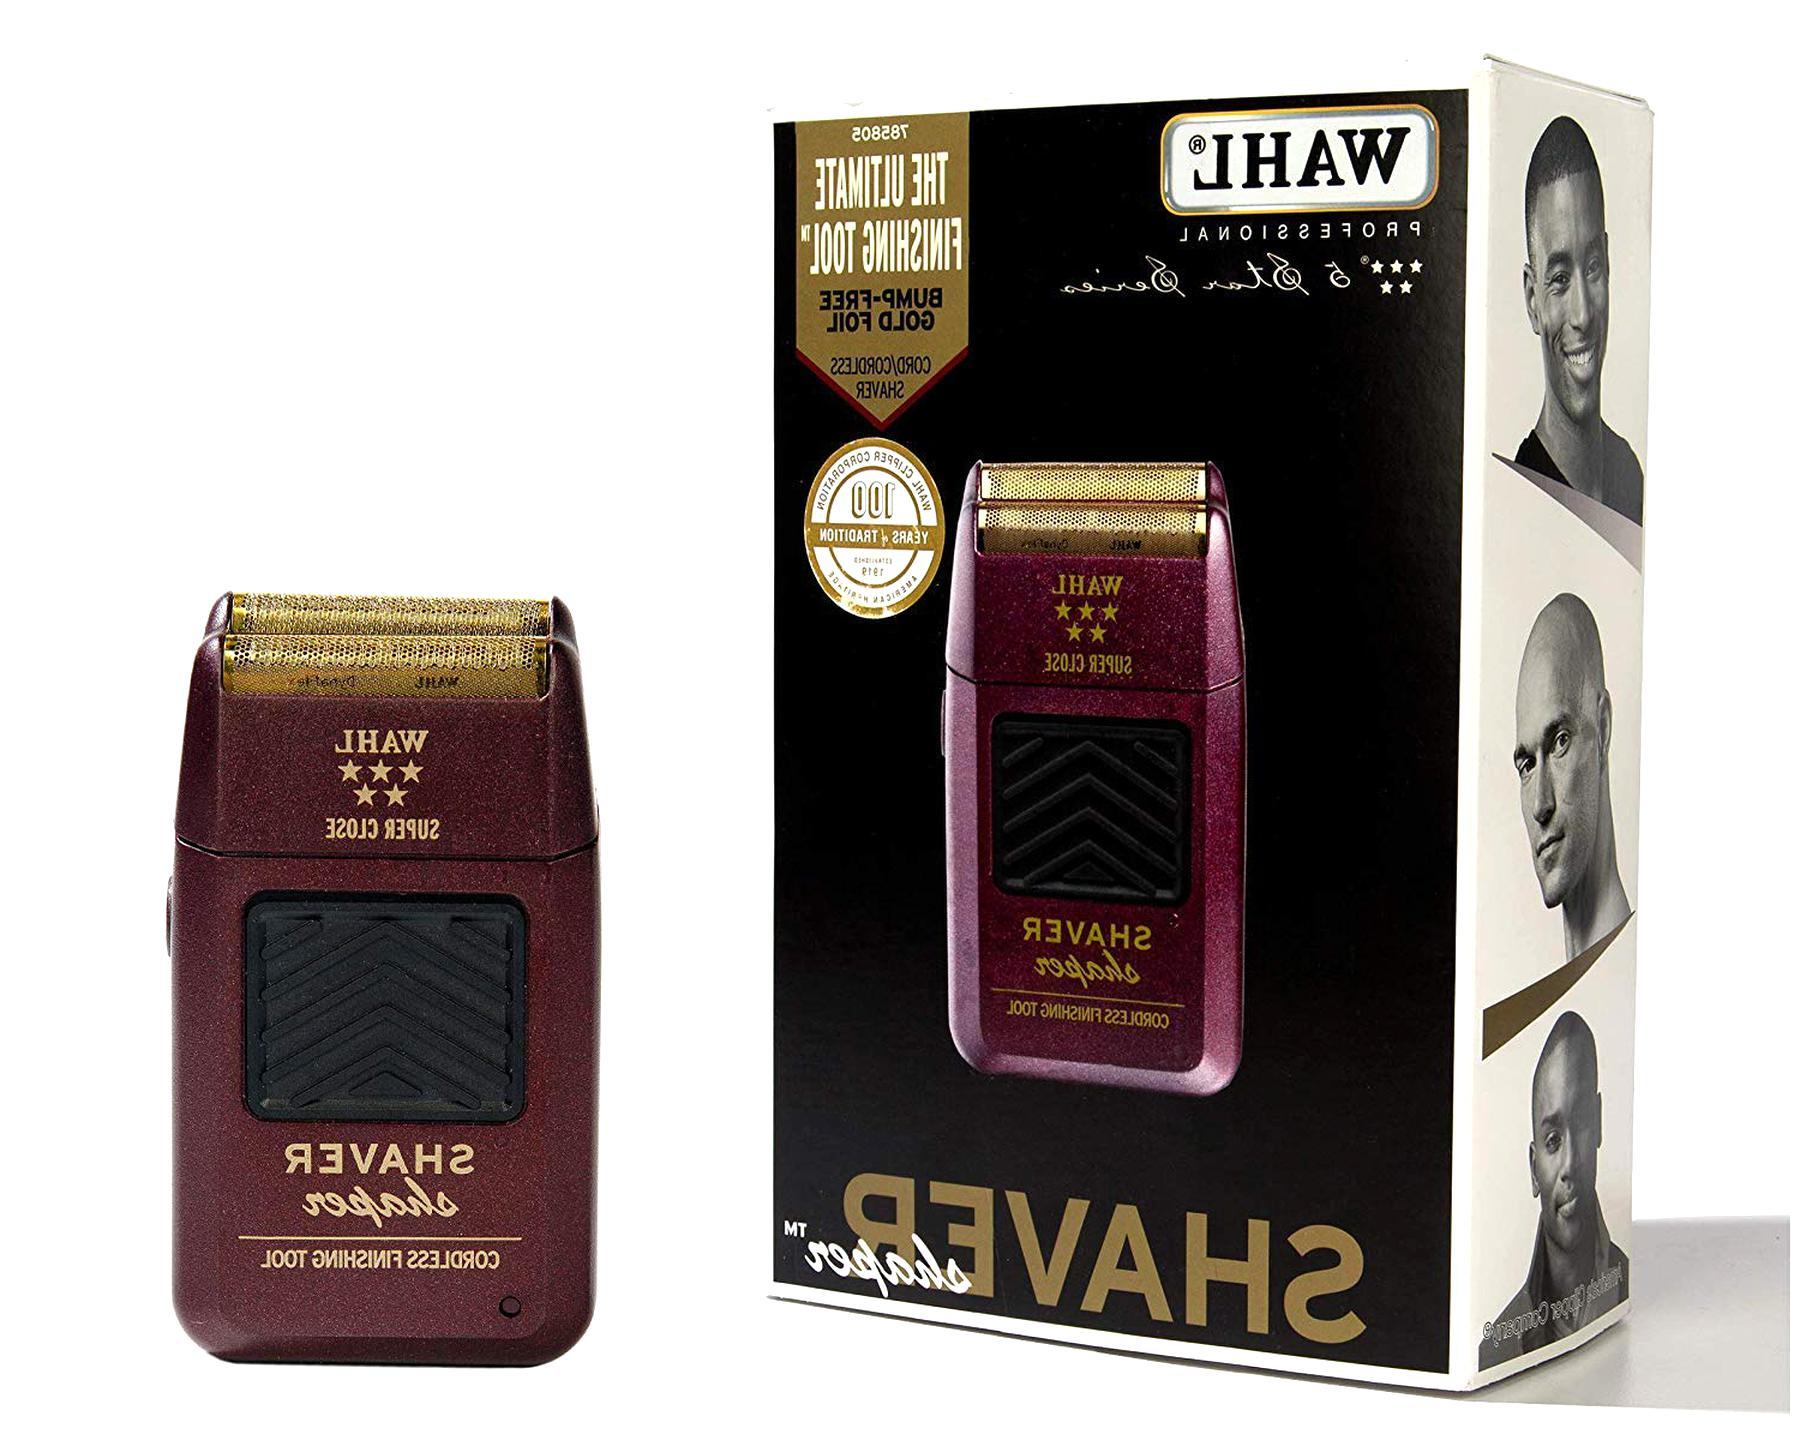 wahl shaver for sale